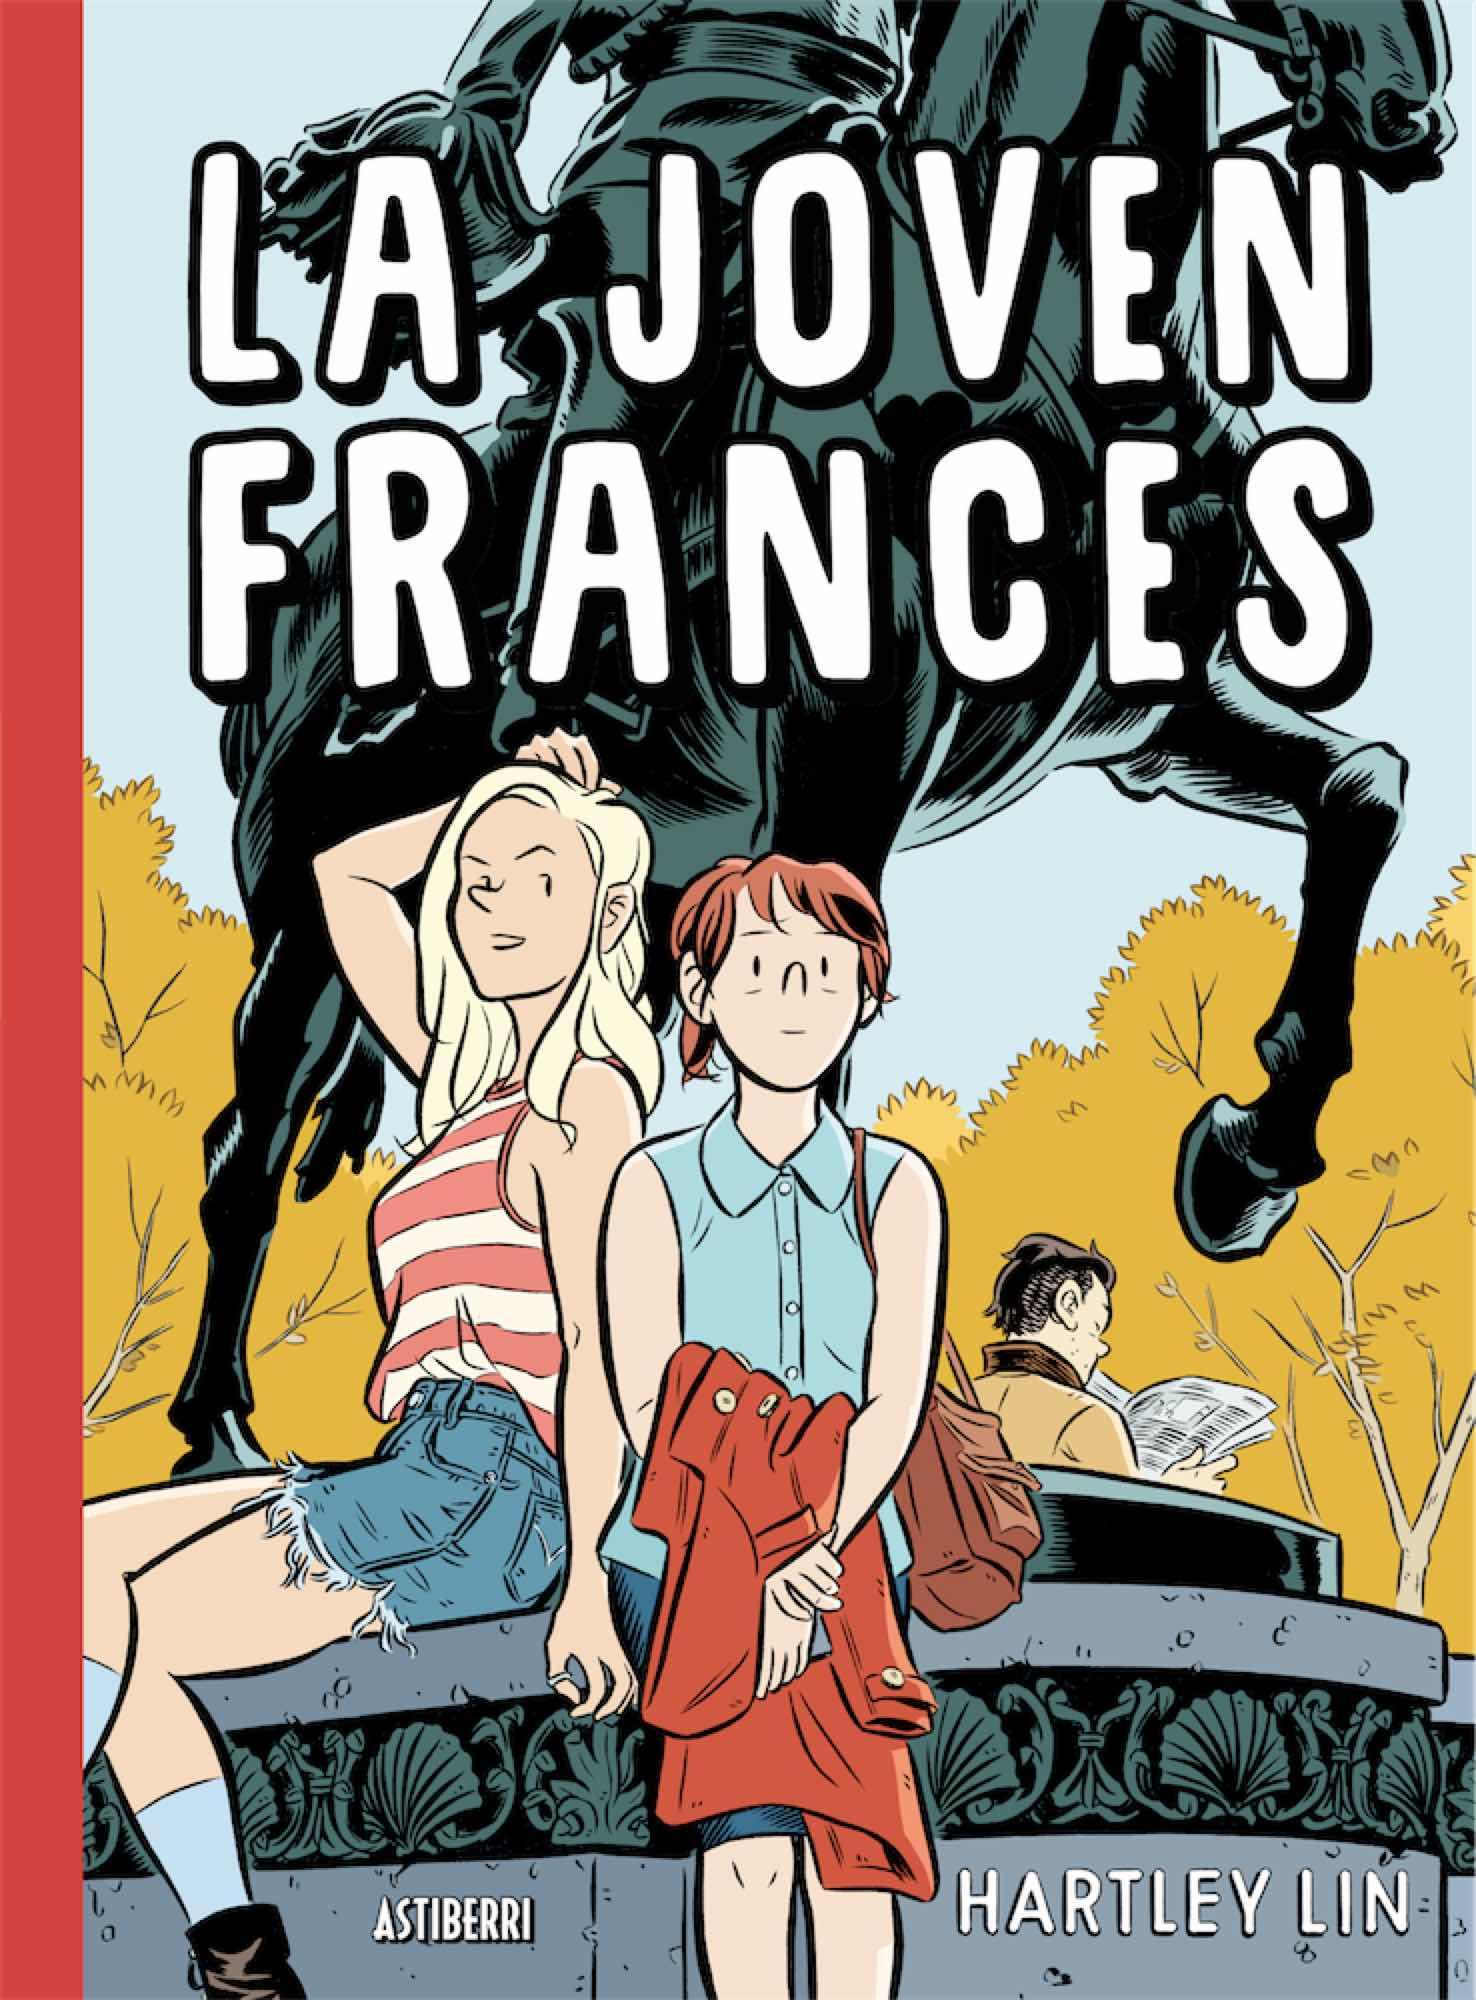 LA JOVEN FRANCES